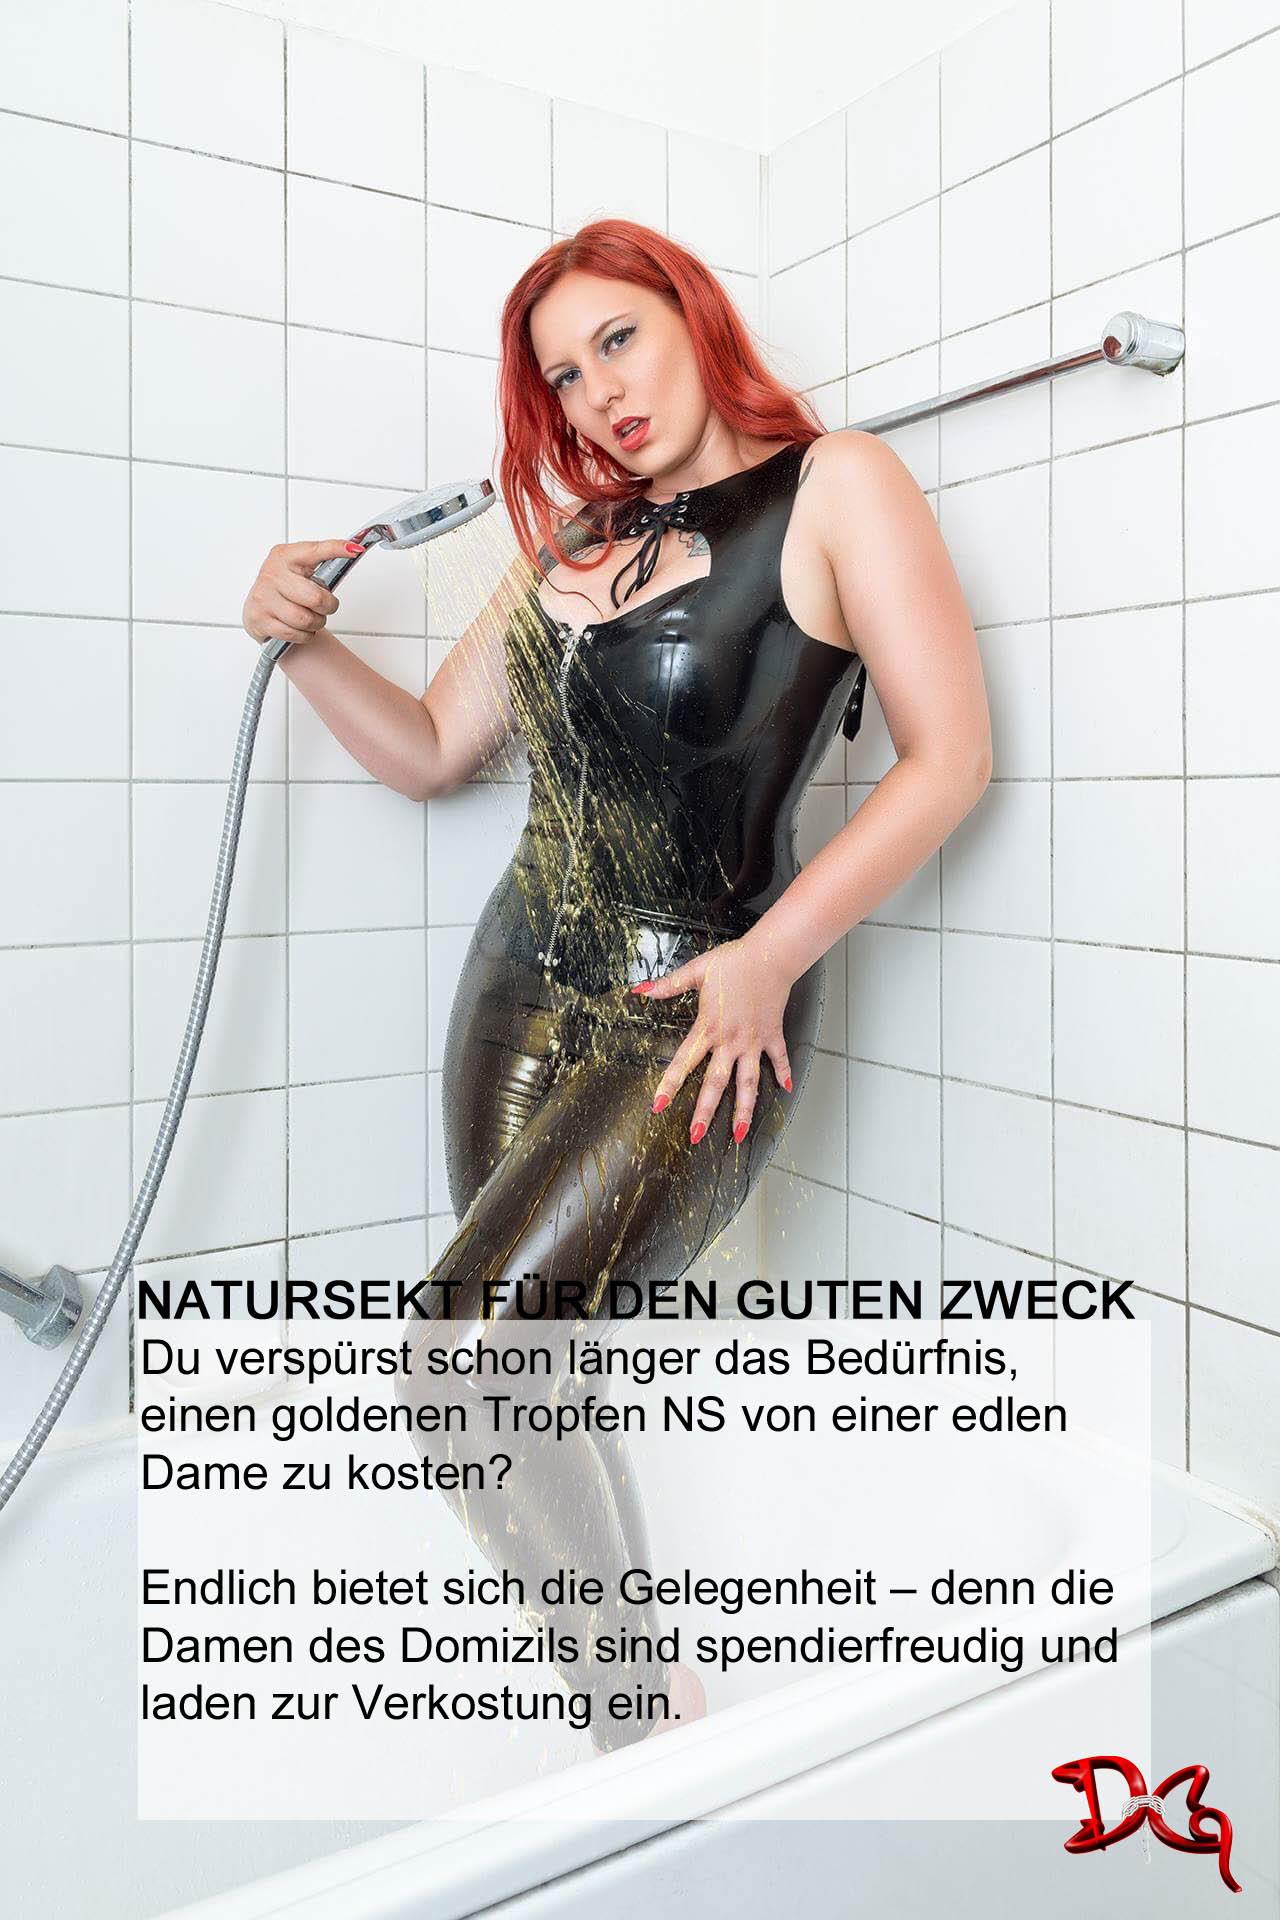 natursekt-fuer-den-guten-zweck